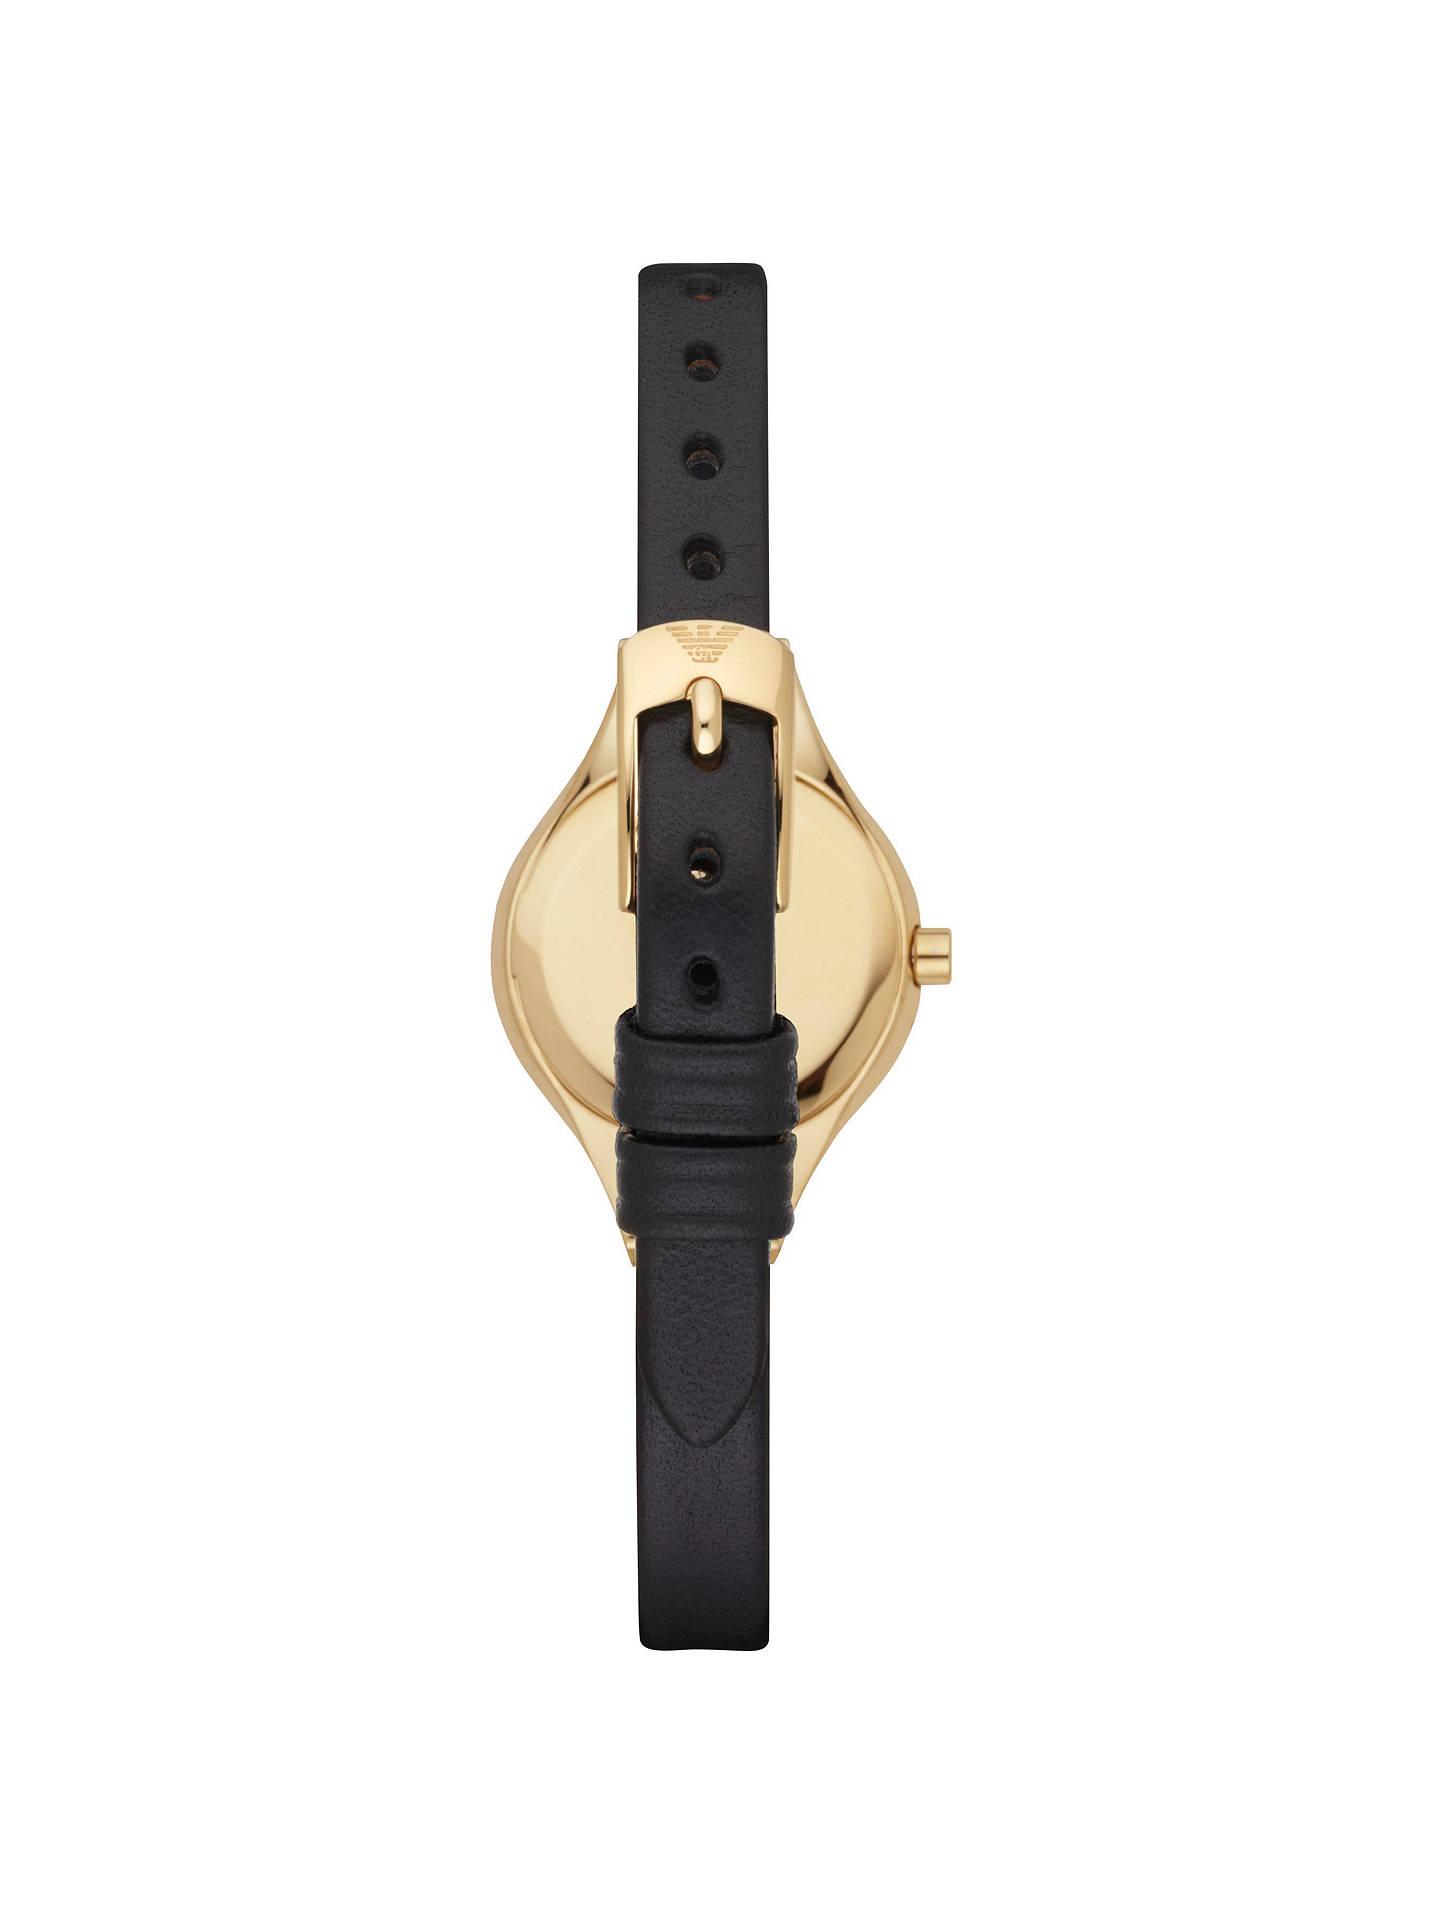 3e5f8474 Emporio Armani AR7405 Women's Chiara Leather Strap Watch, Black at ...